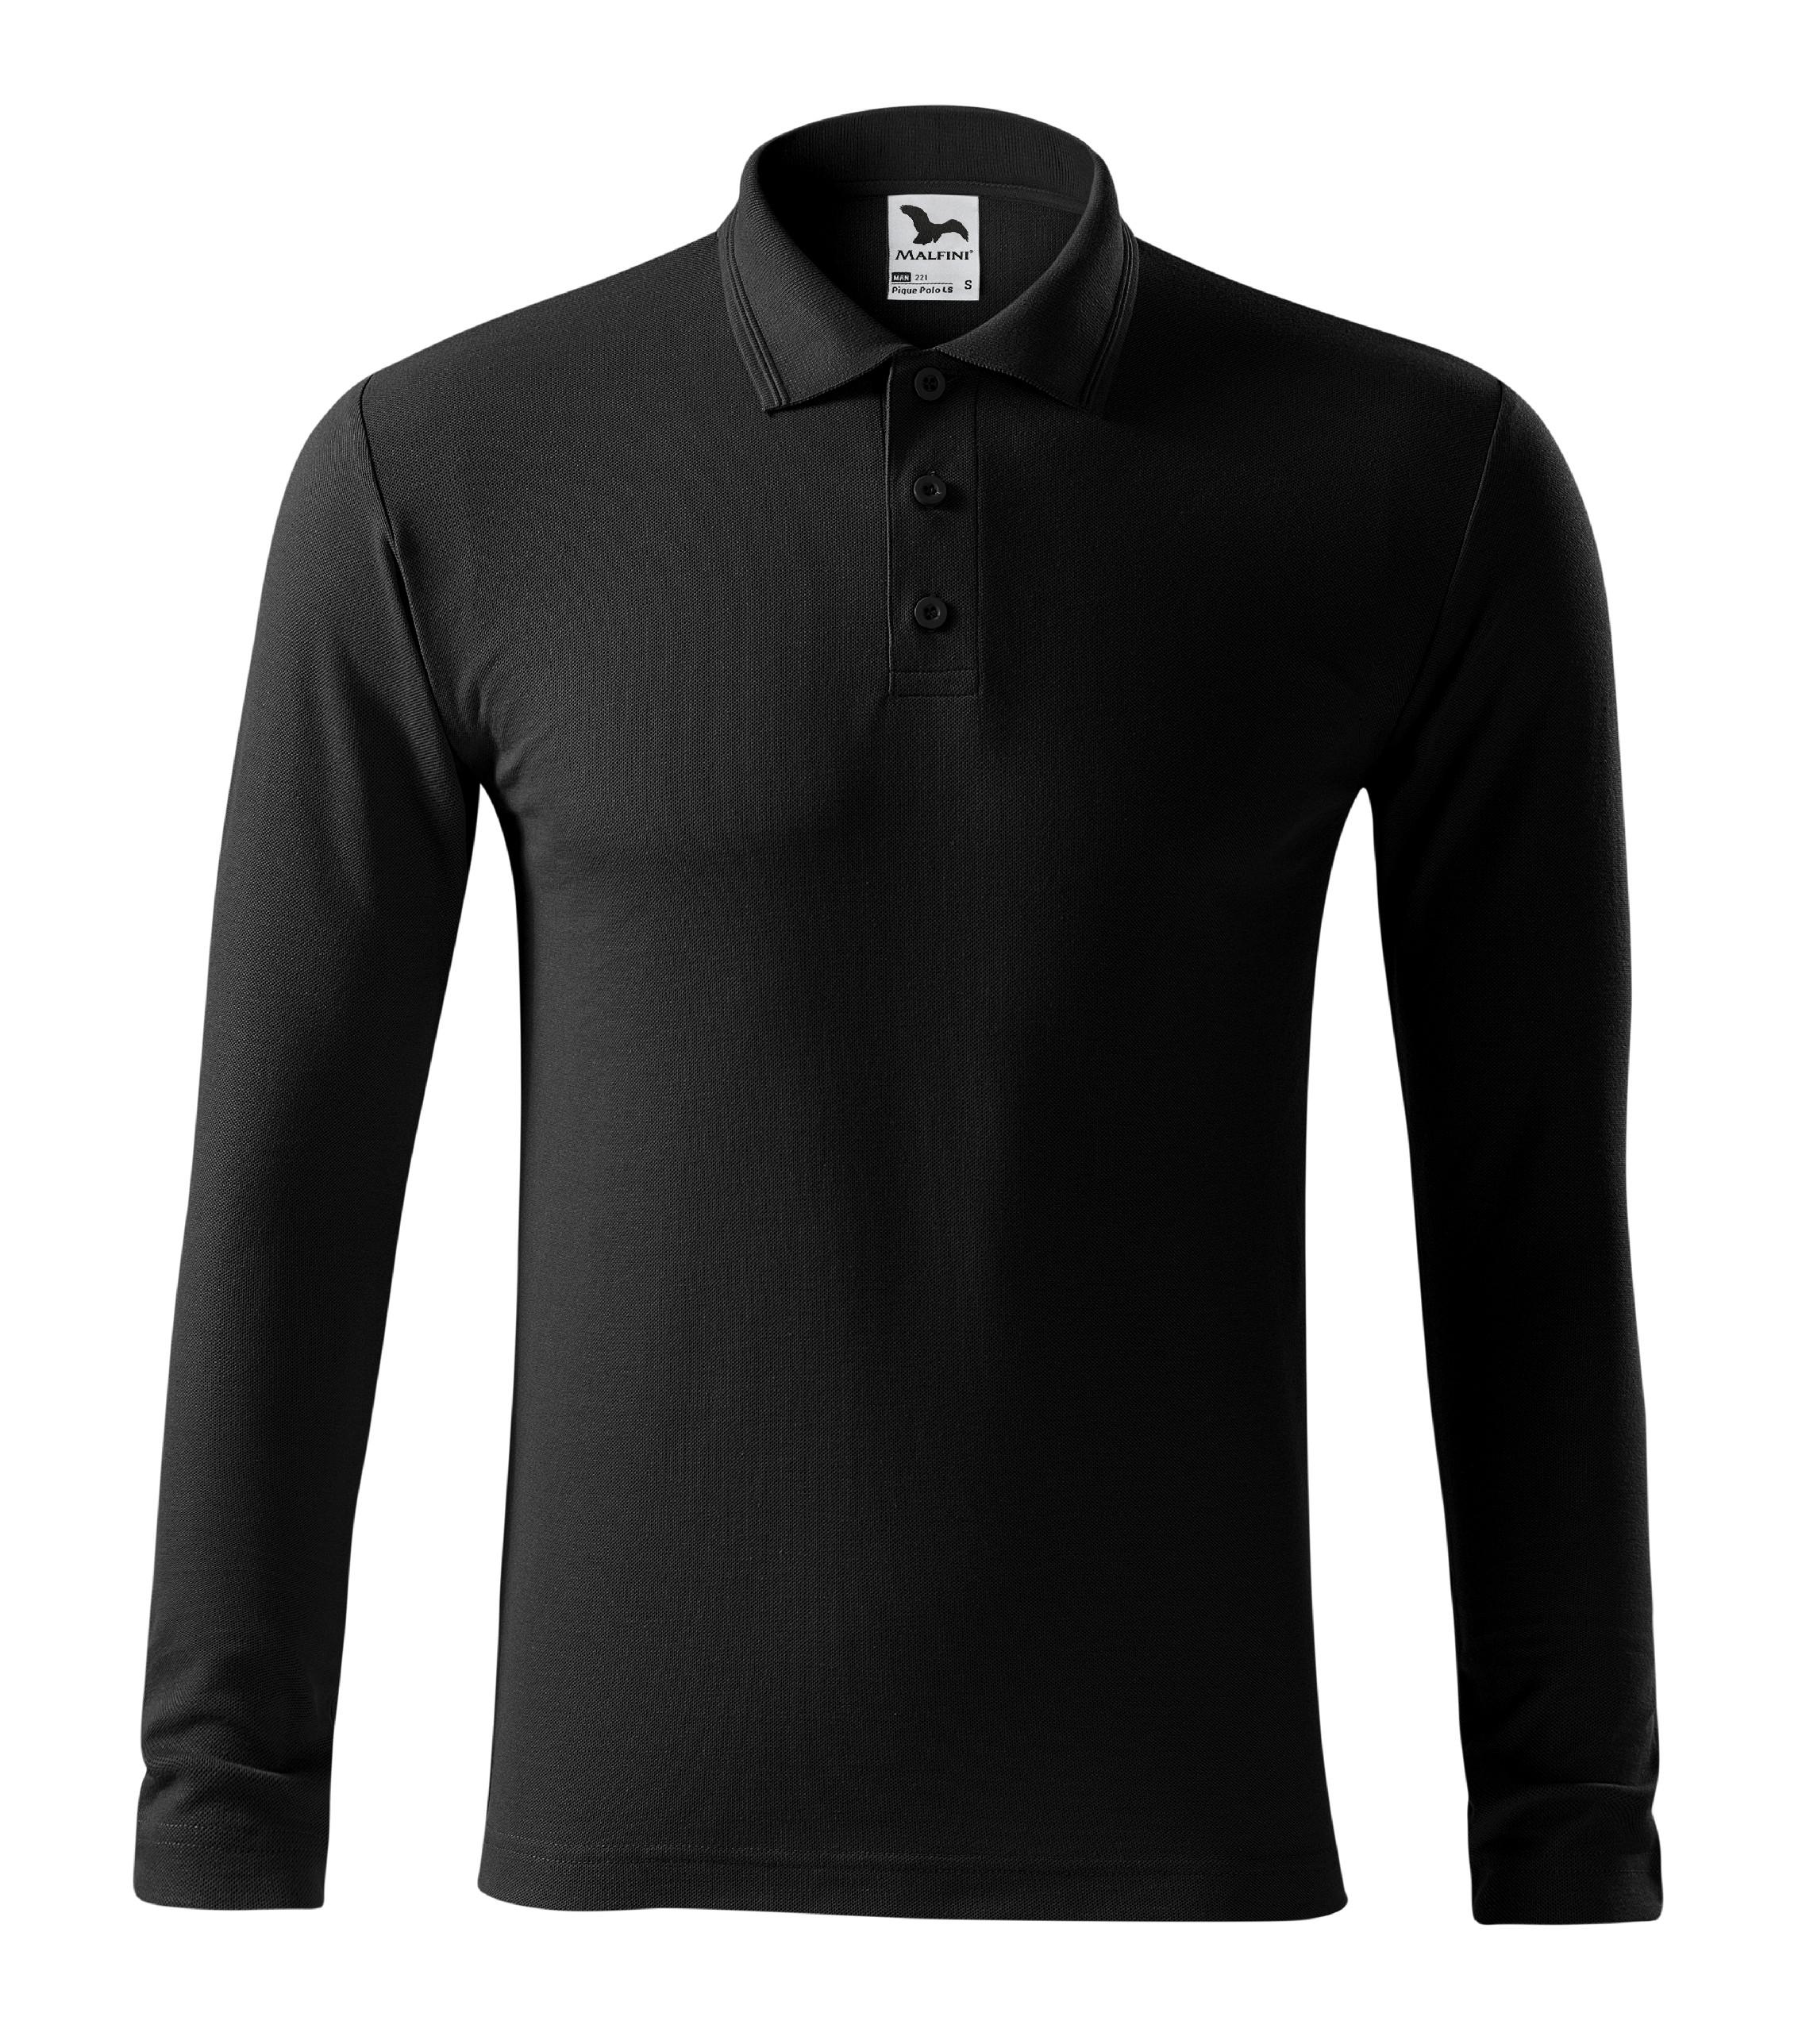 Polokošile pánská Pique Polo LS Barva: černá, Velikost: L